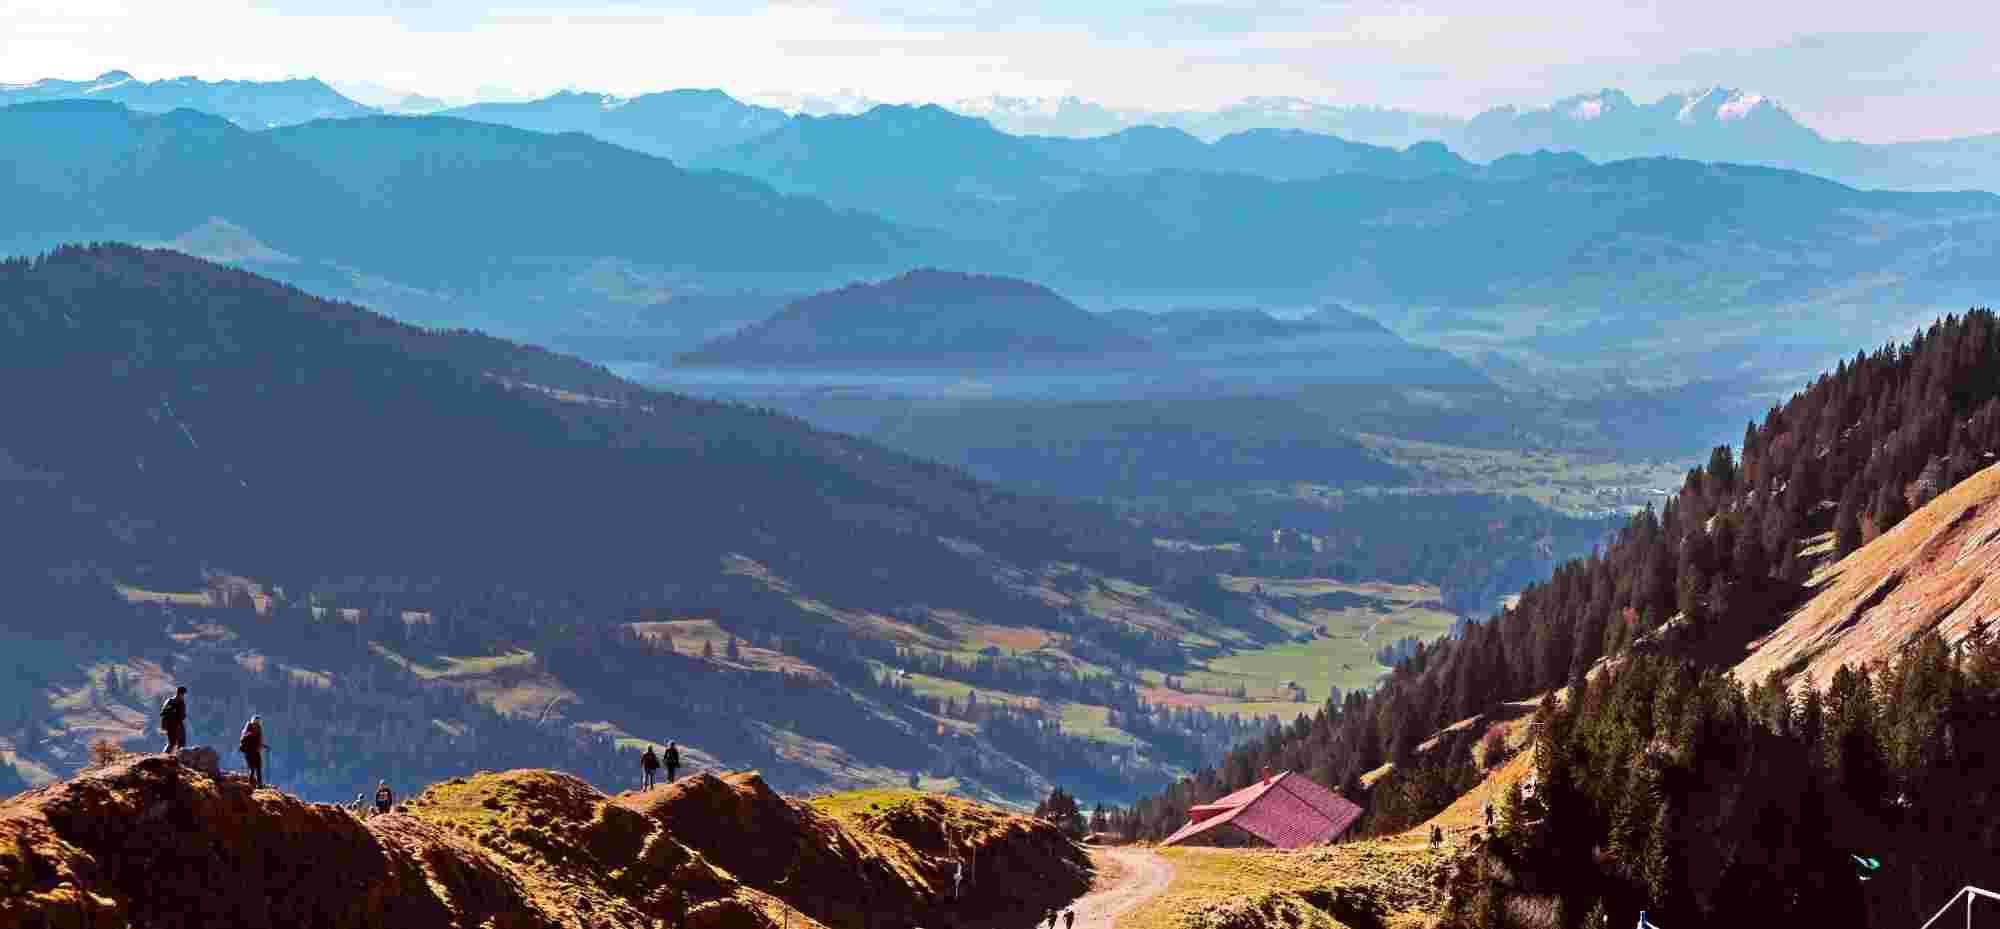 Wandern auf dem Hochgrat mit Blick auf Säntis